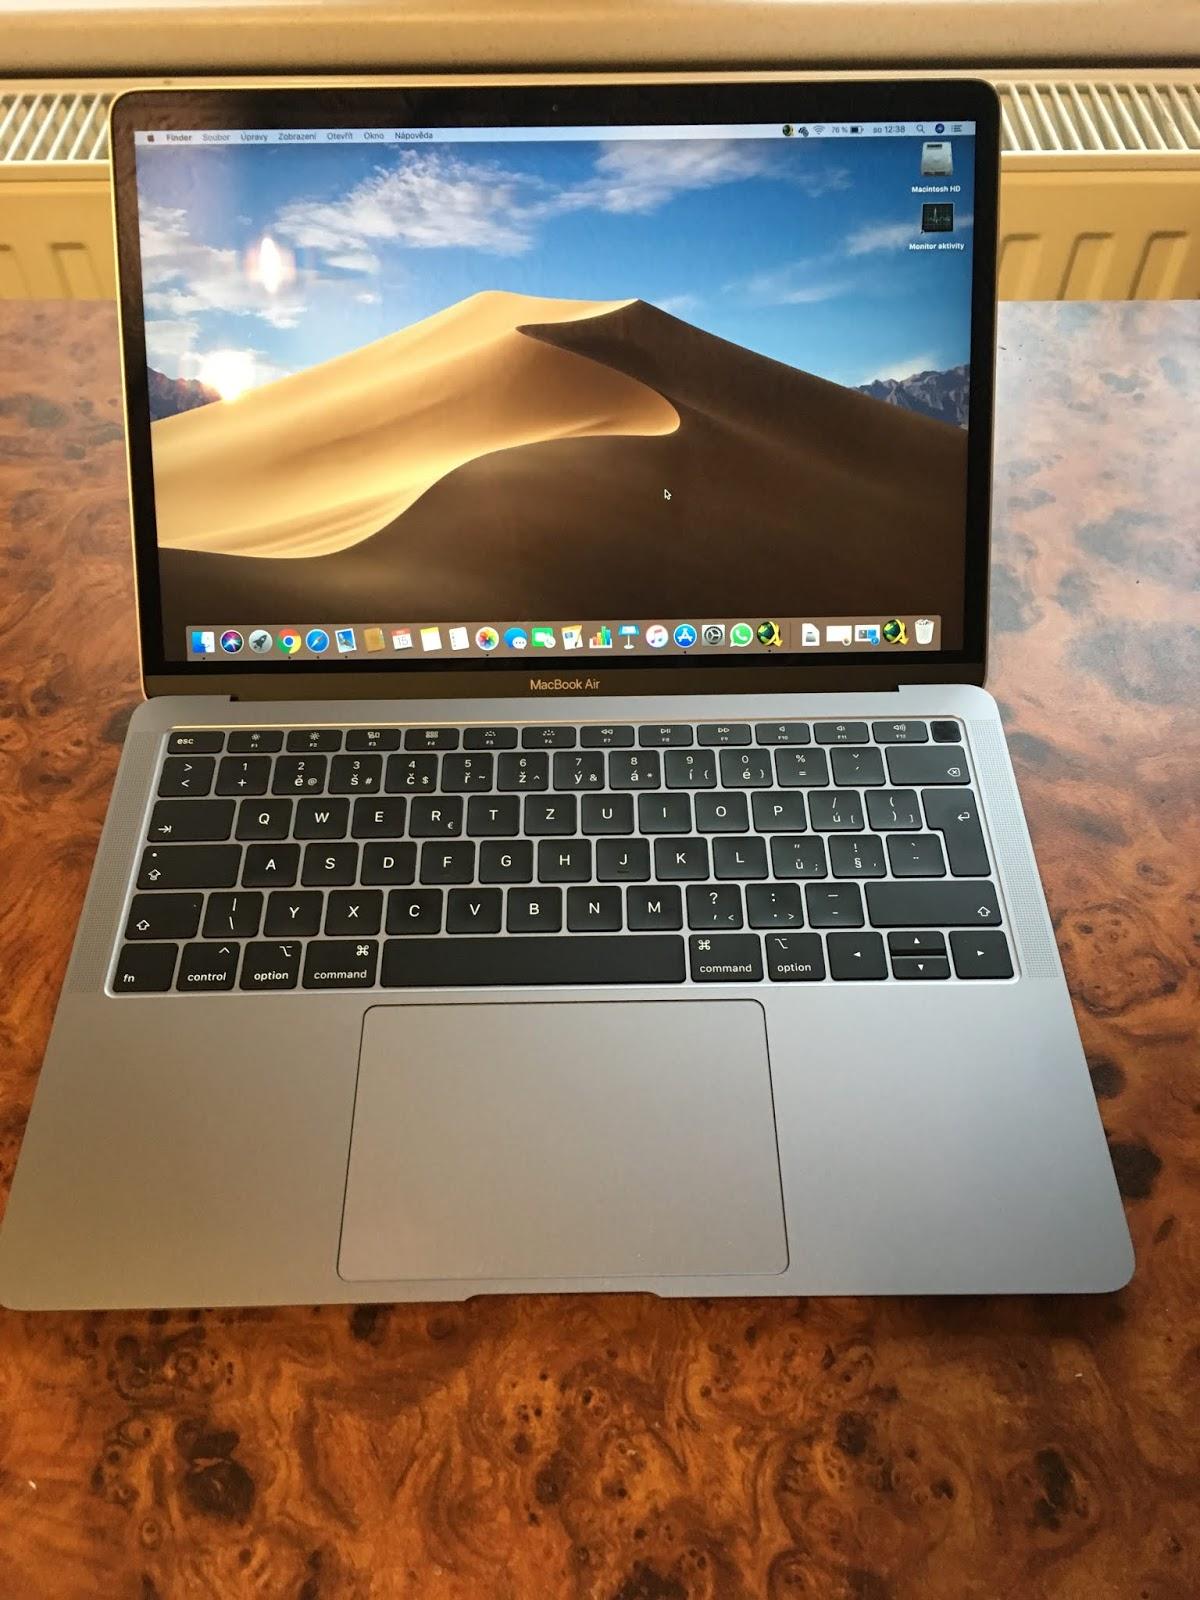 mohu připojit můj monitory k mému macbooku pro čas online datování